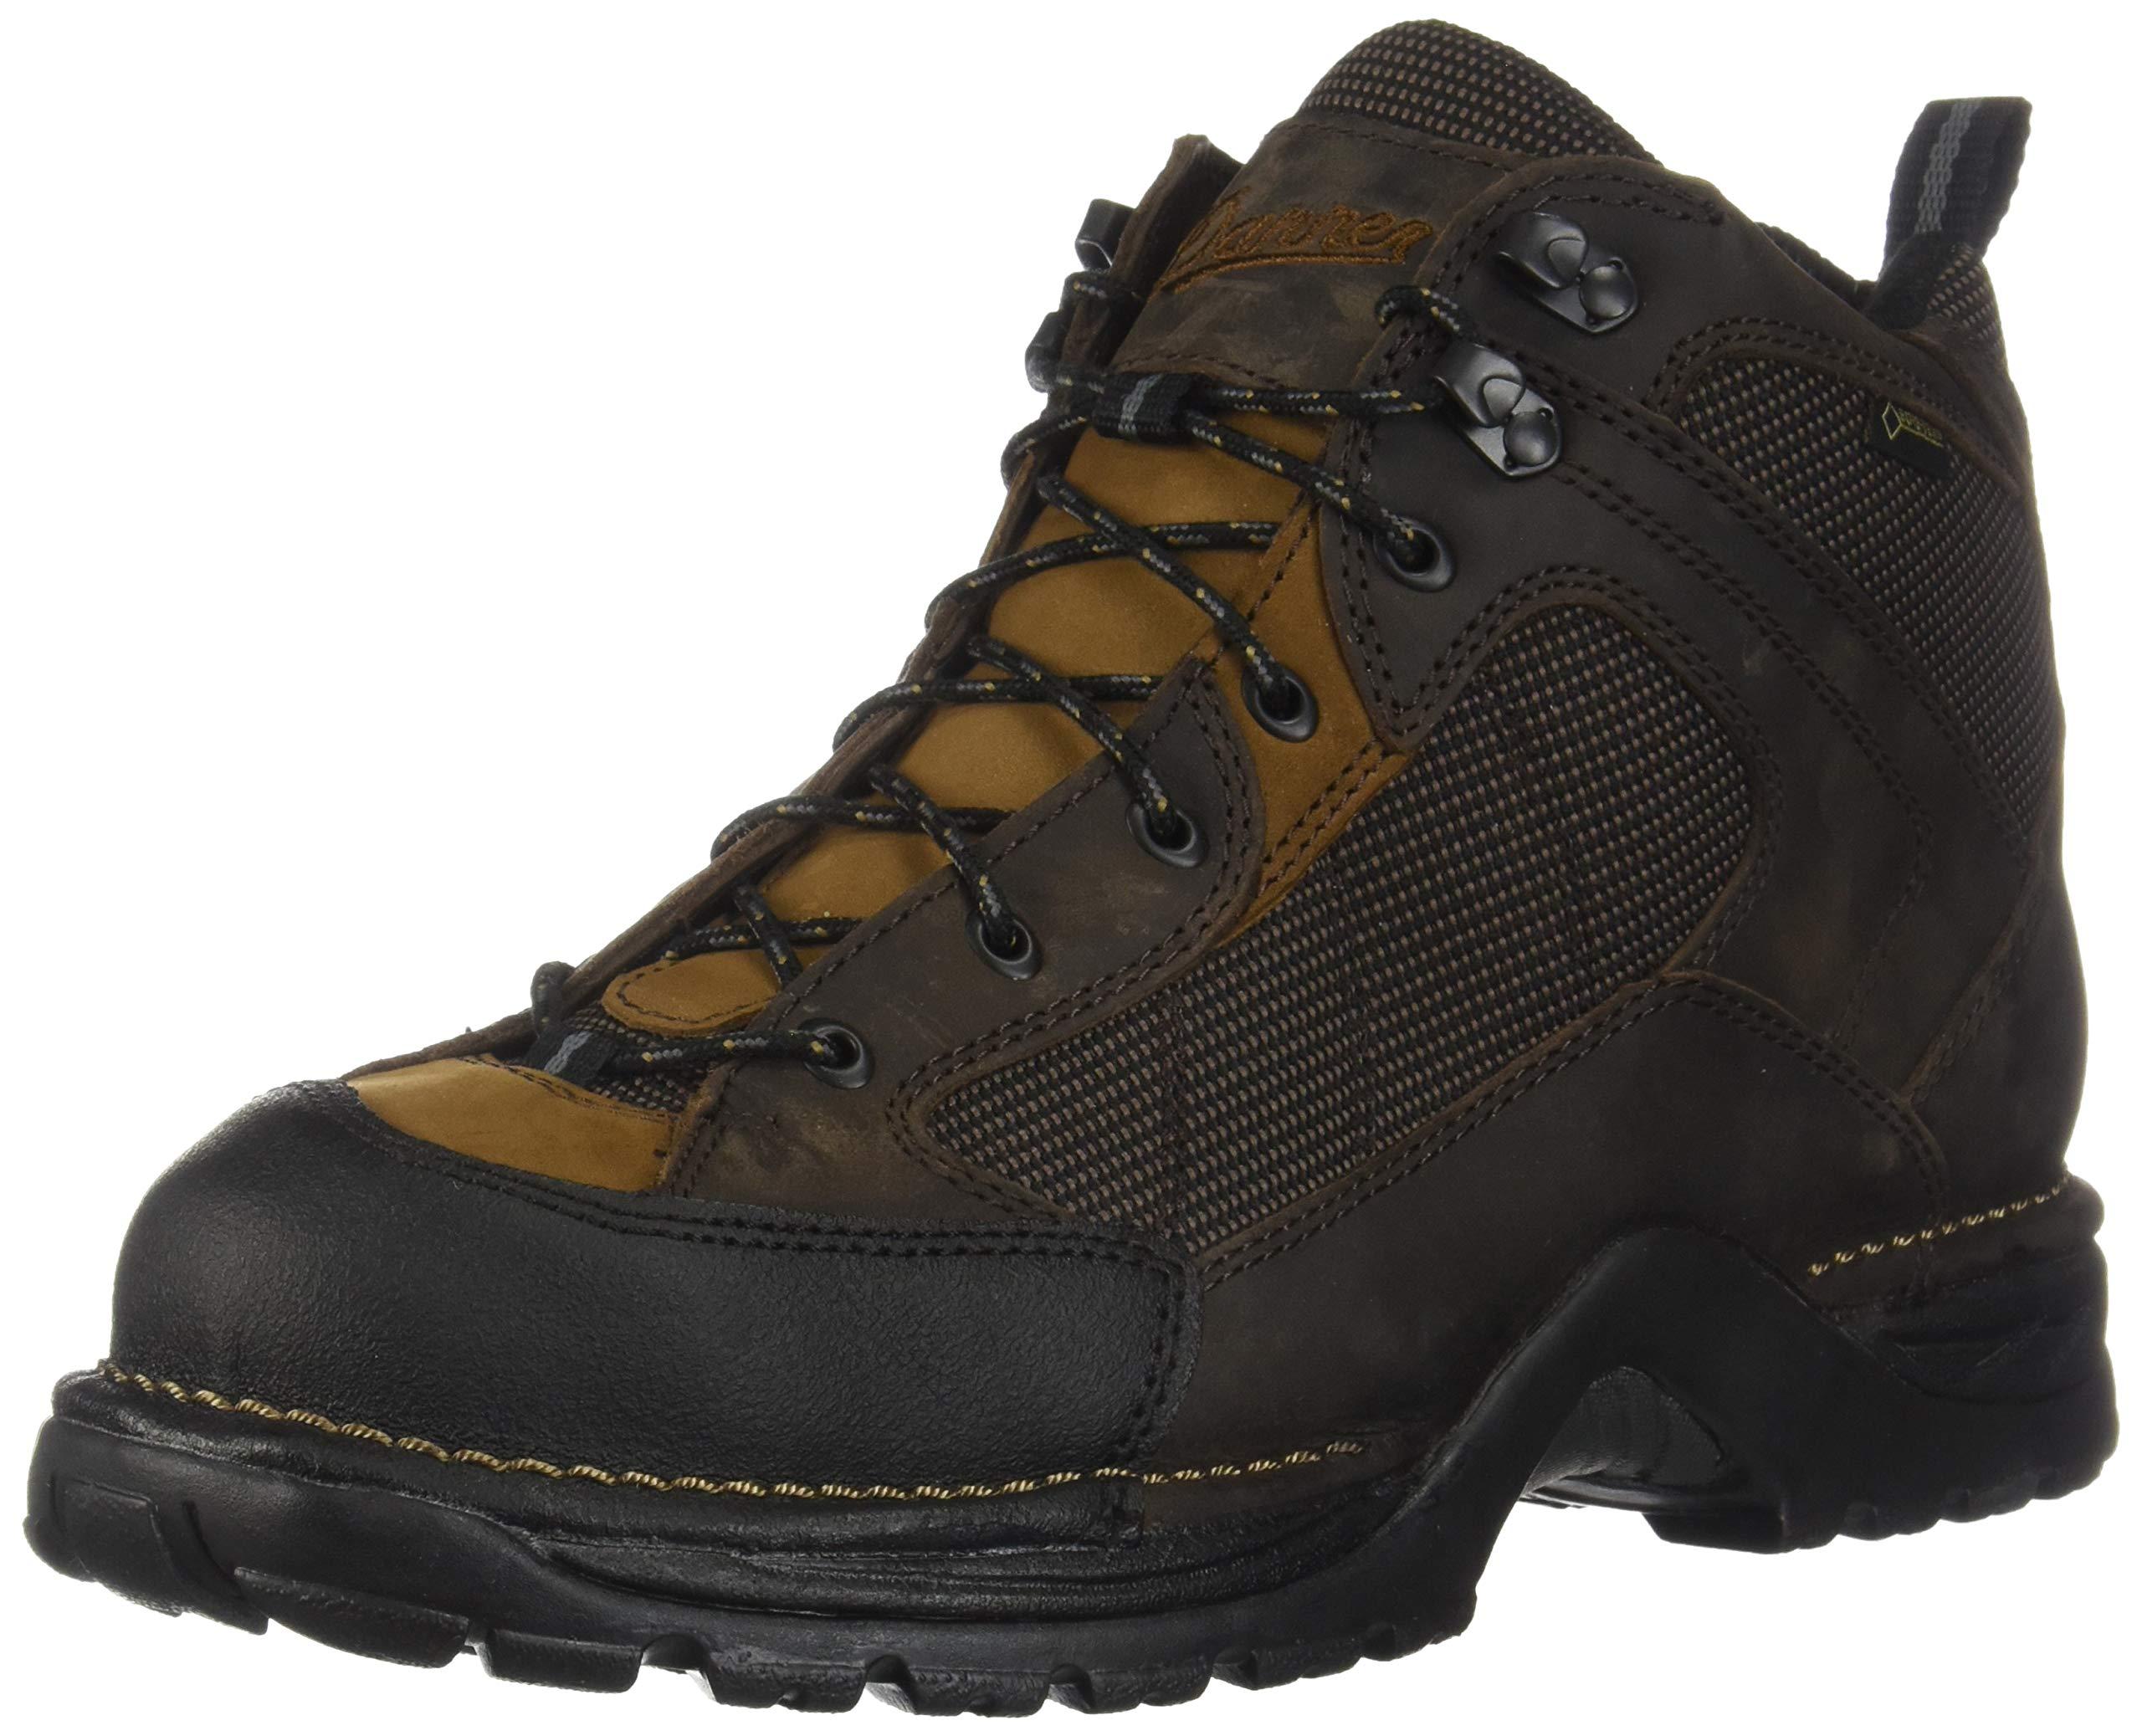 Danner Men's Radical 452 GTX Outdoor Boot,Dark Brown,11.5 D US